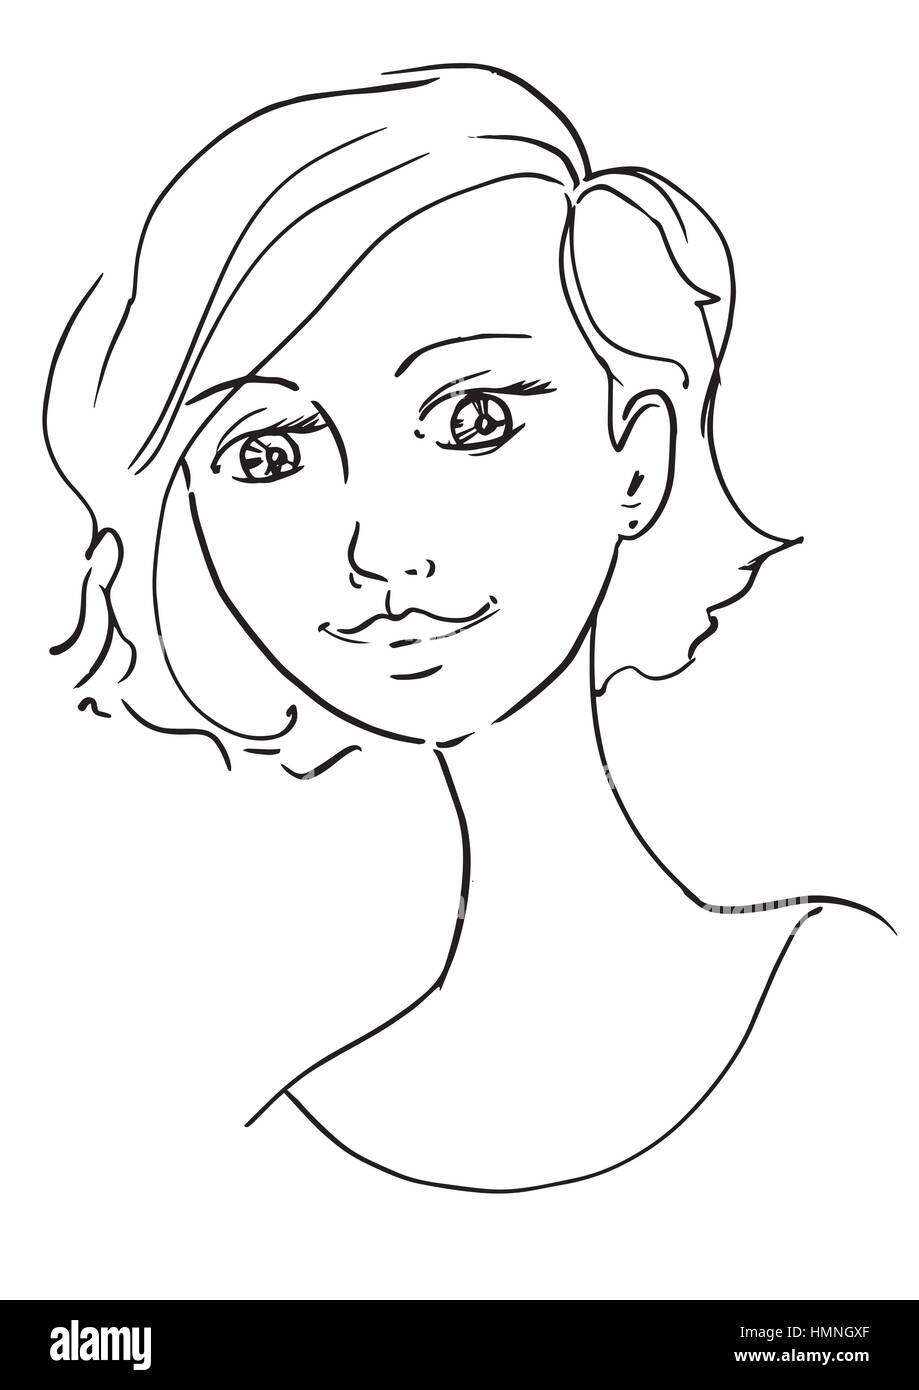 Hermosa Mano JovenCroquis Dibujo Gráficos De A Contorno erdBWxoC